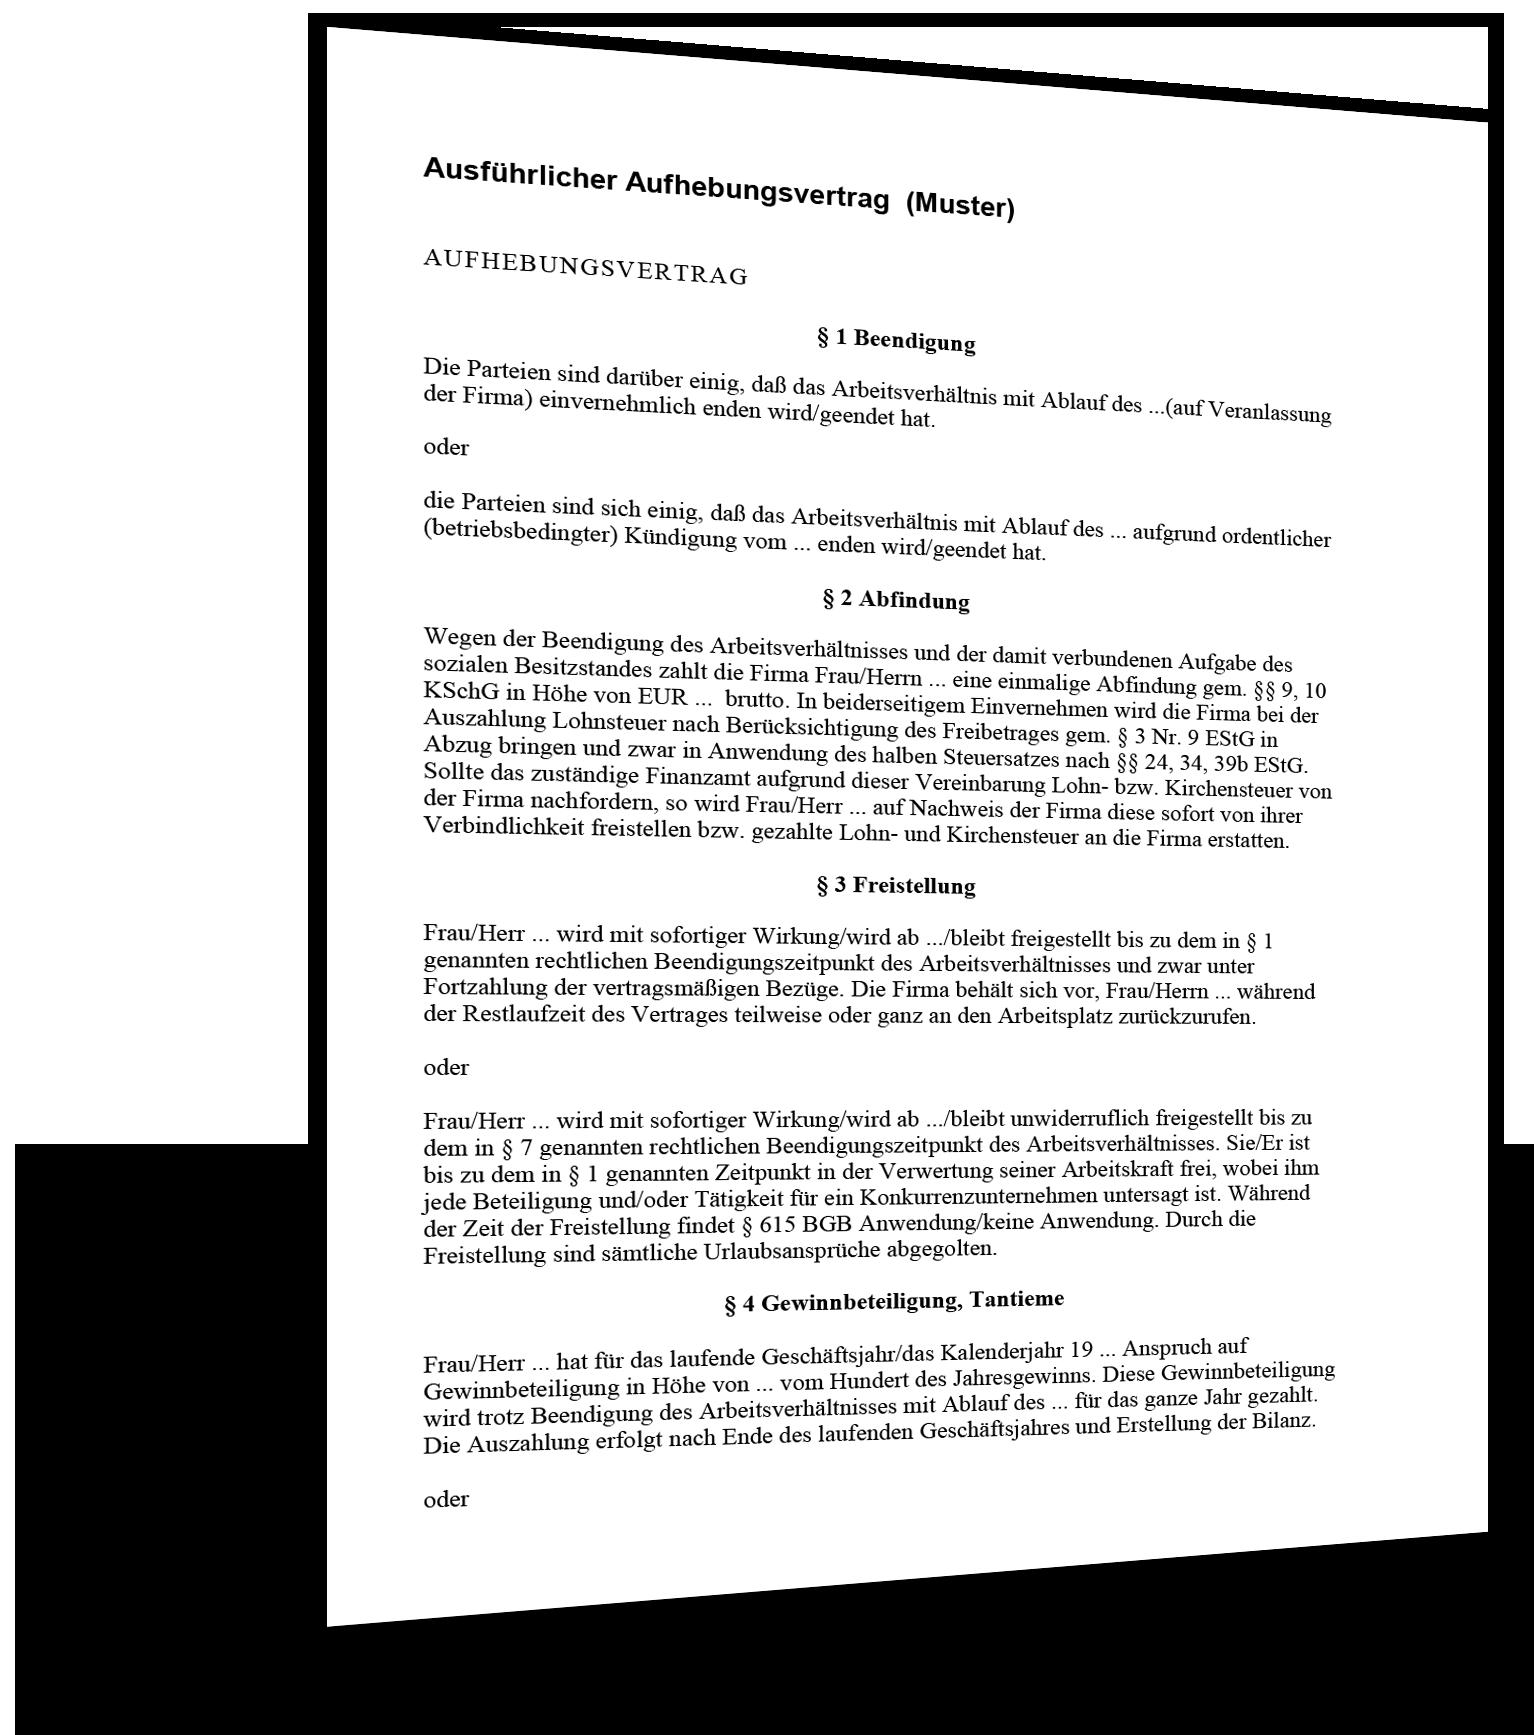 aufhebungsvertrag_ausfuehrlich muster - Aufhebungsvertrag Arbeitnehmer Muster